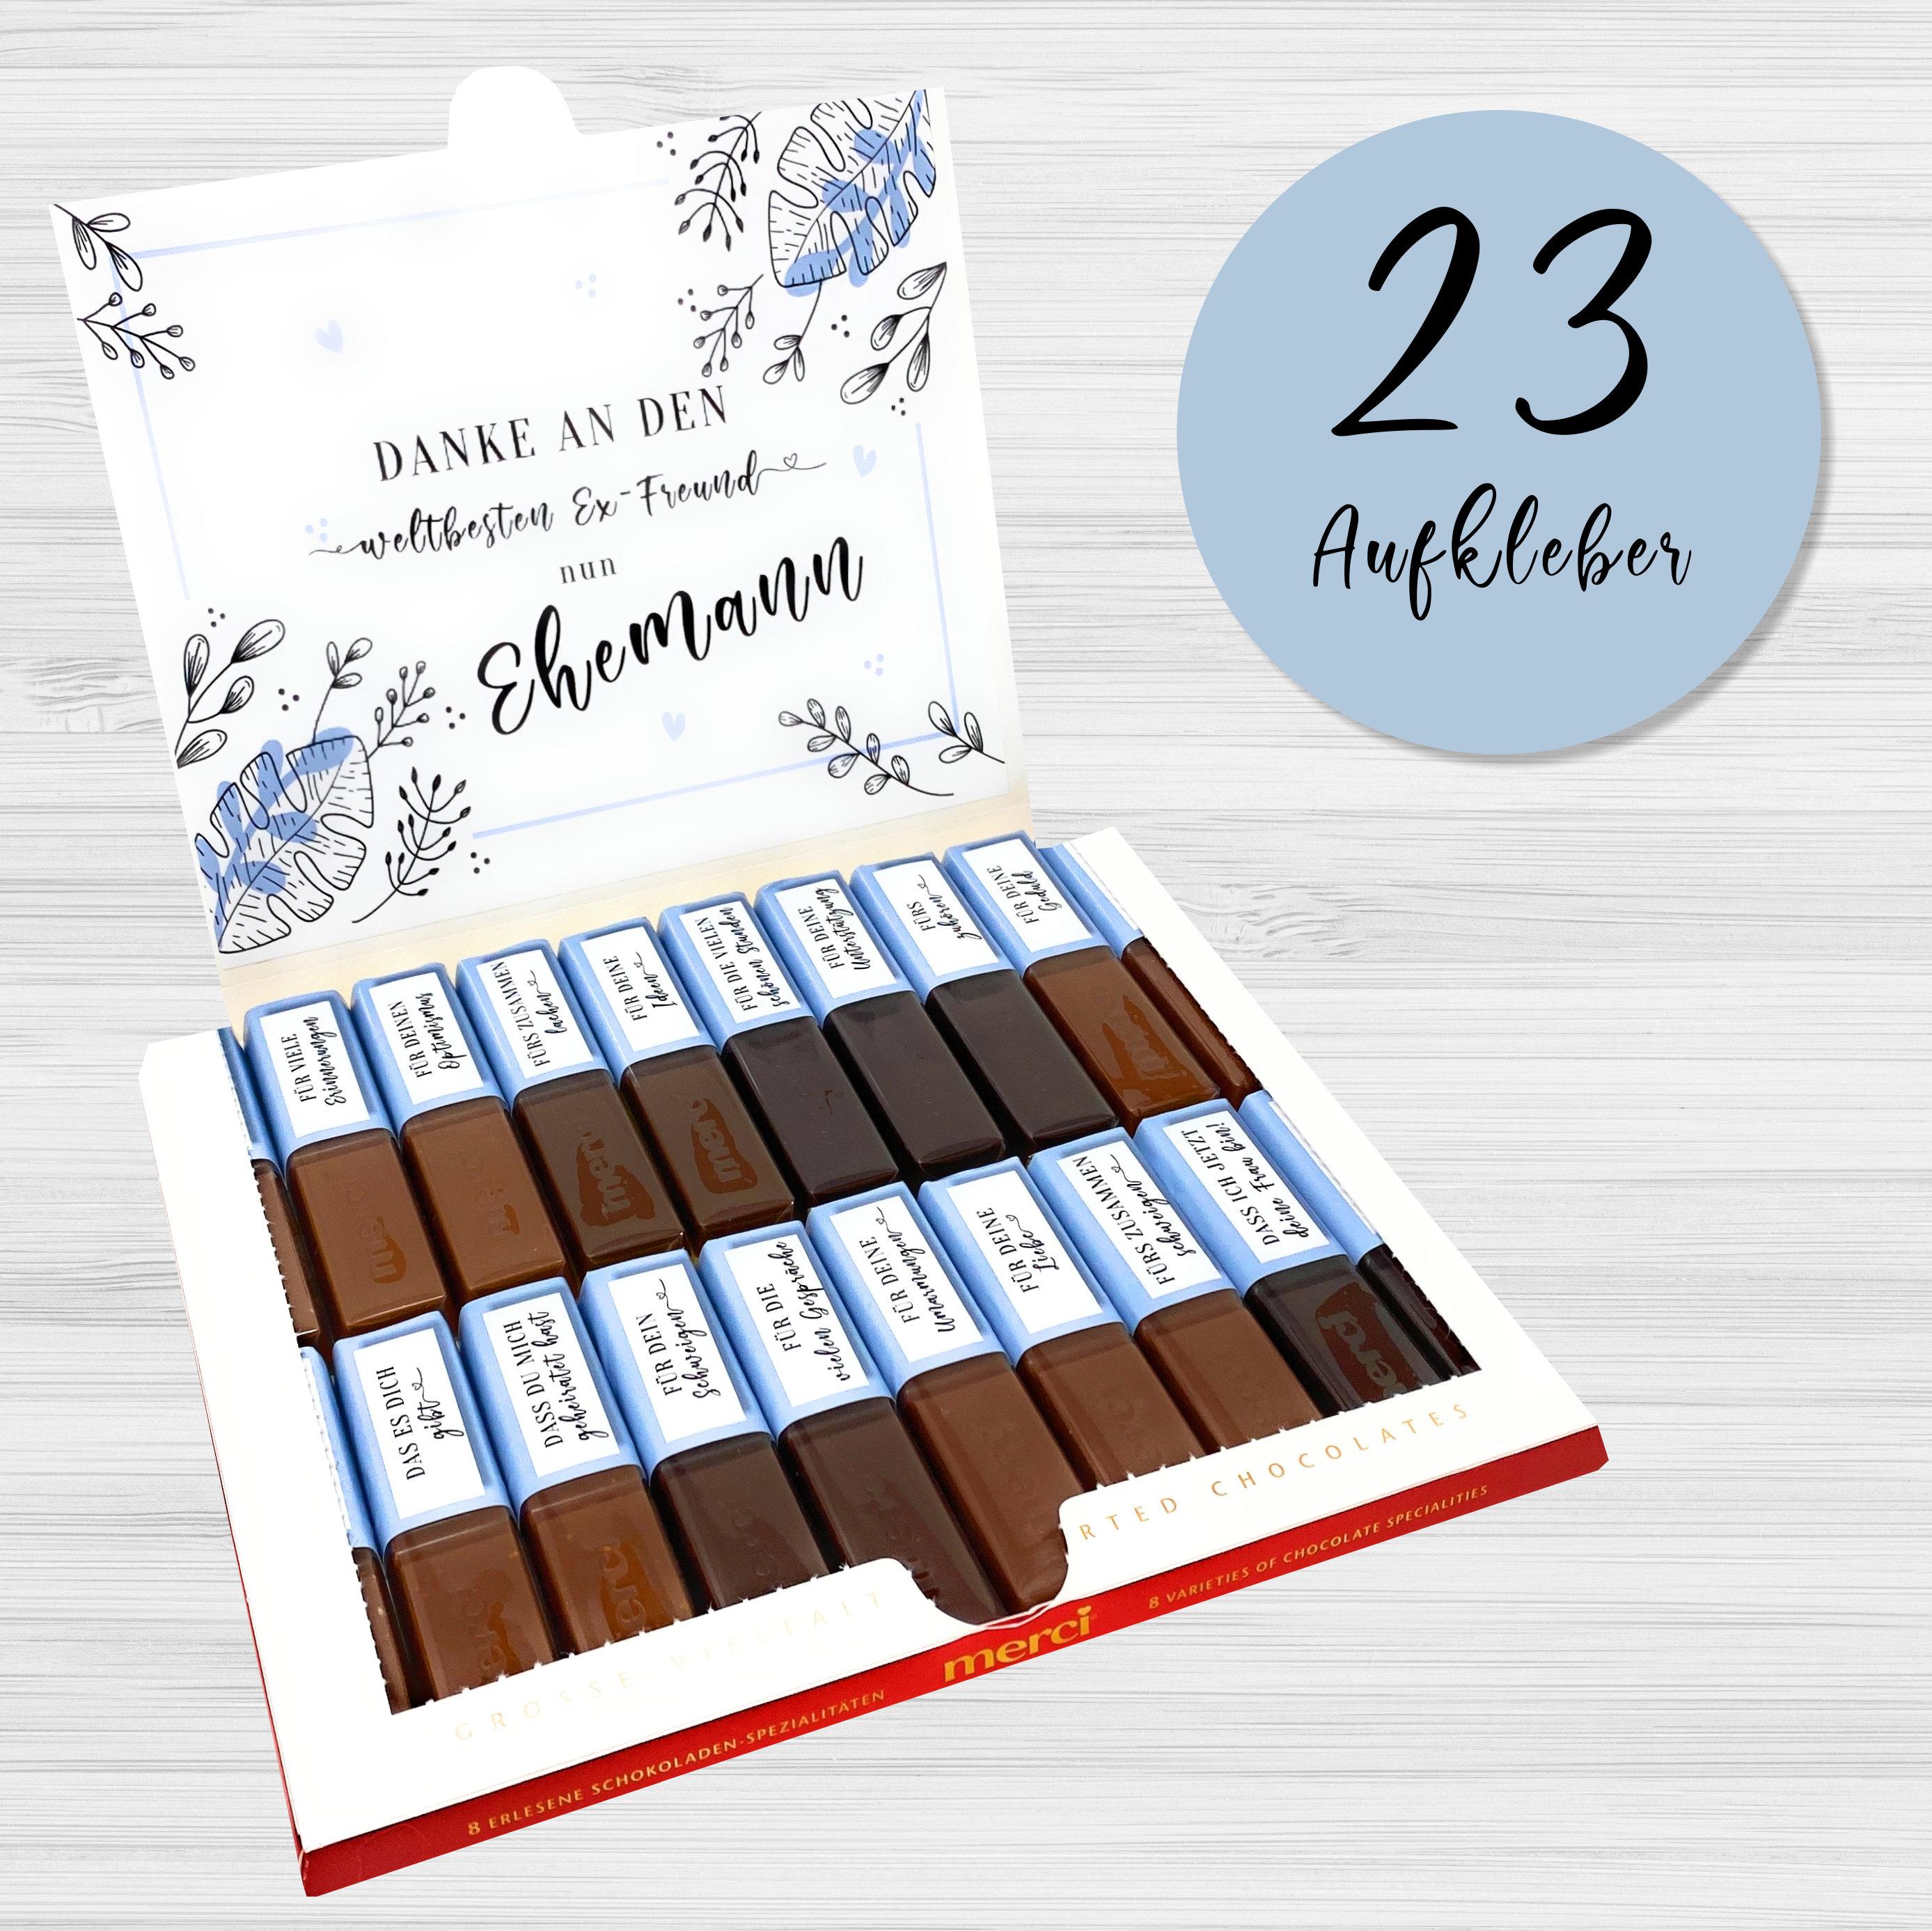 Aufkleber Set Fur Merci Schokolade Personliches Geschenk Fur Die Trauzeugin Weddingtree